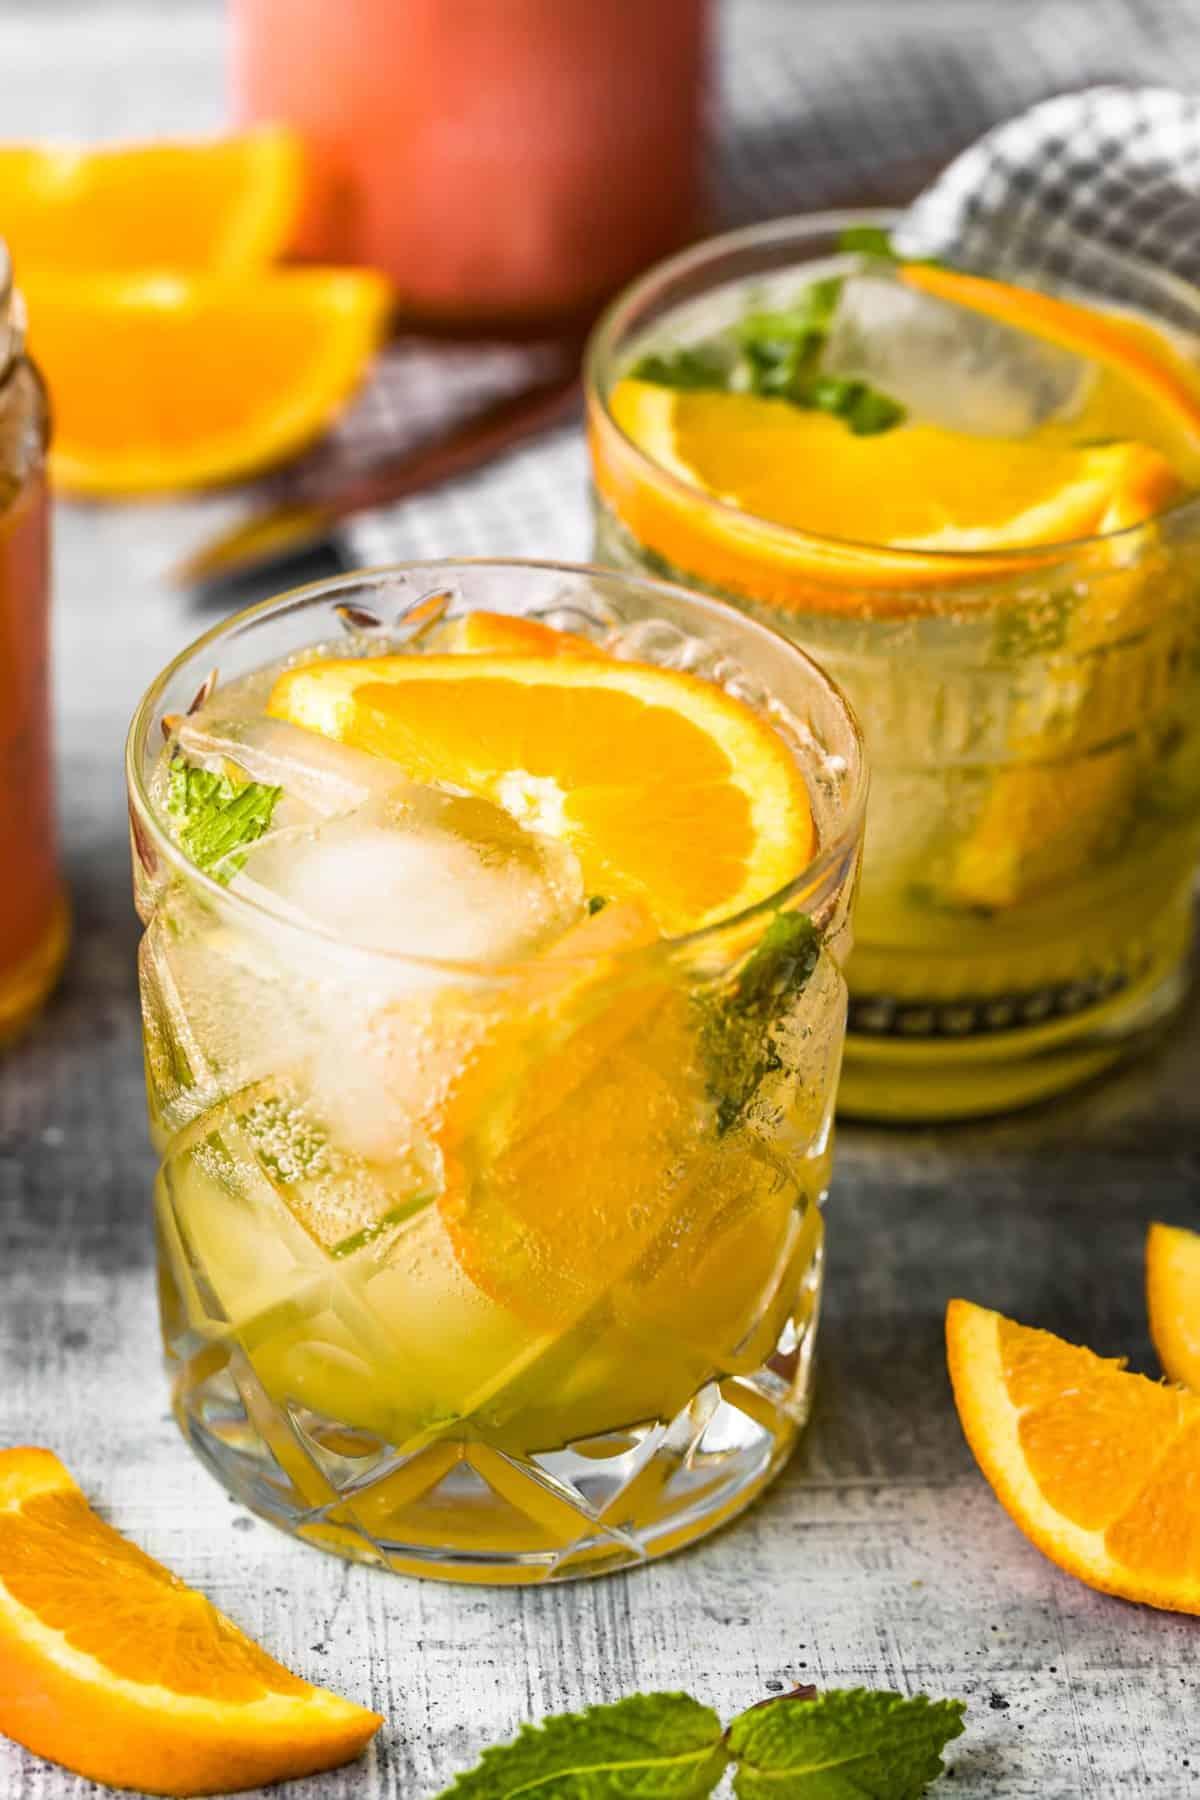 up top shot of cocktails garnished with sliced citrus fruit